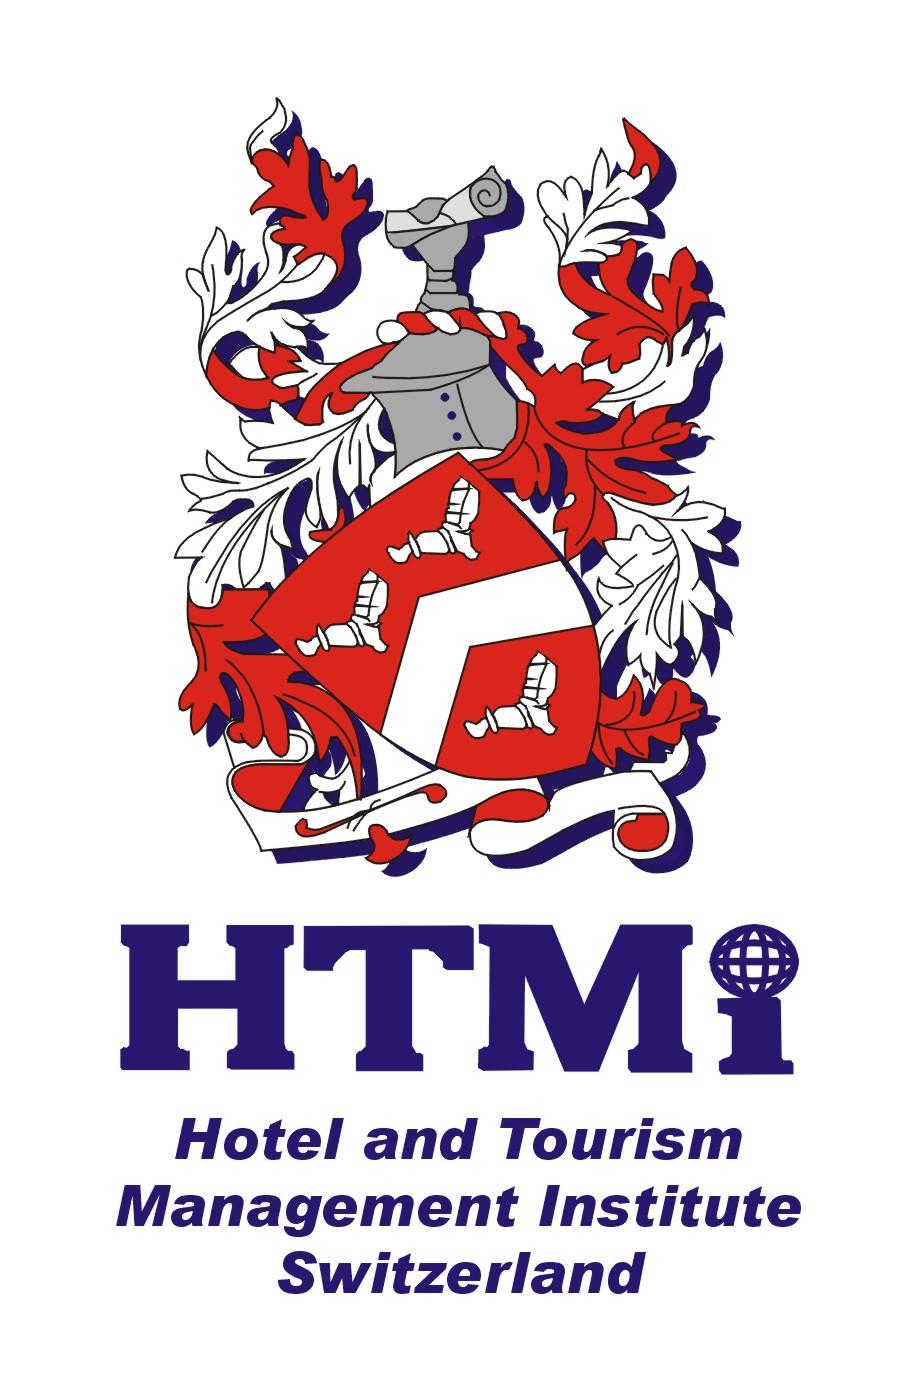 瑞士HTMi国际酒店旅游管理学院